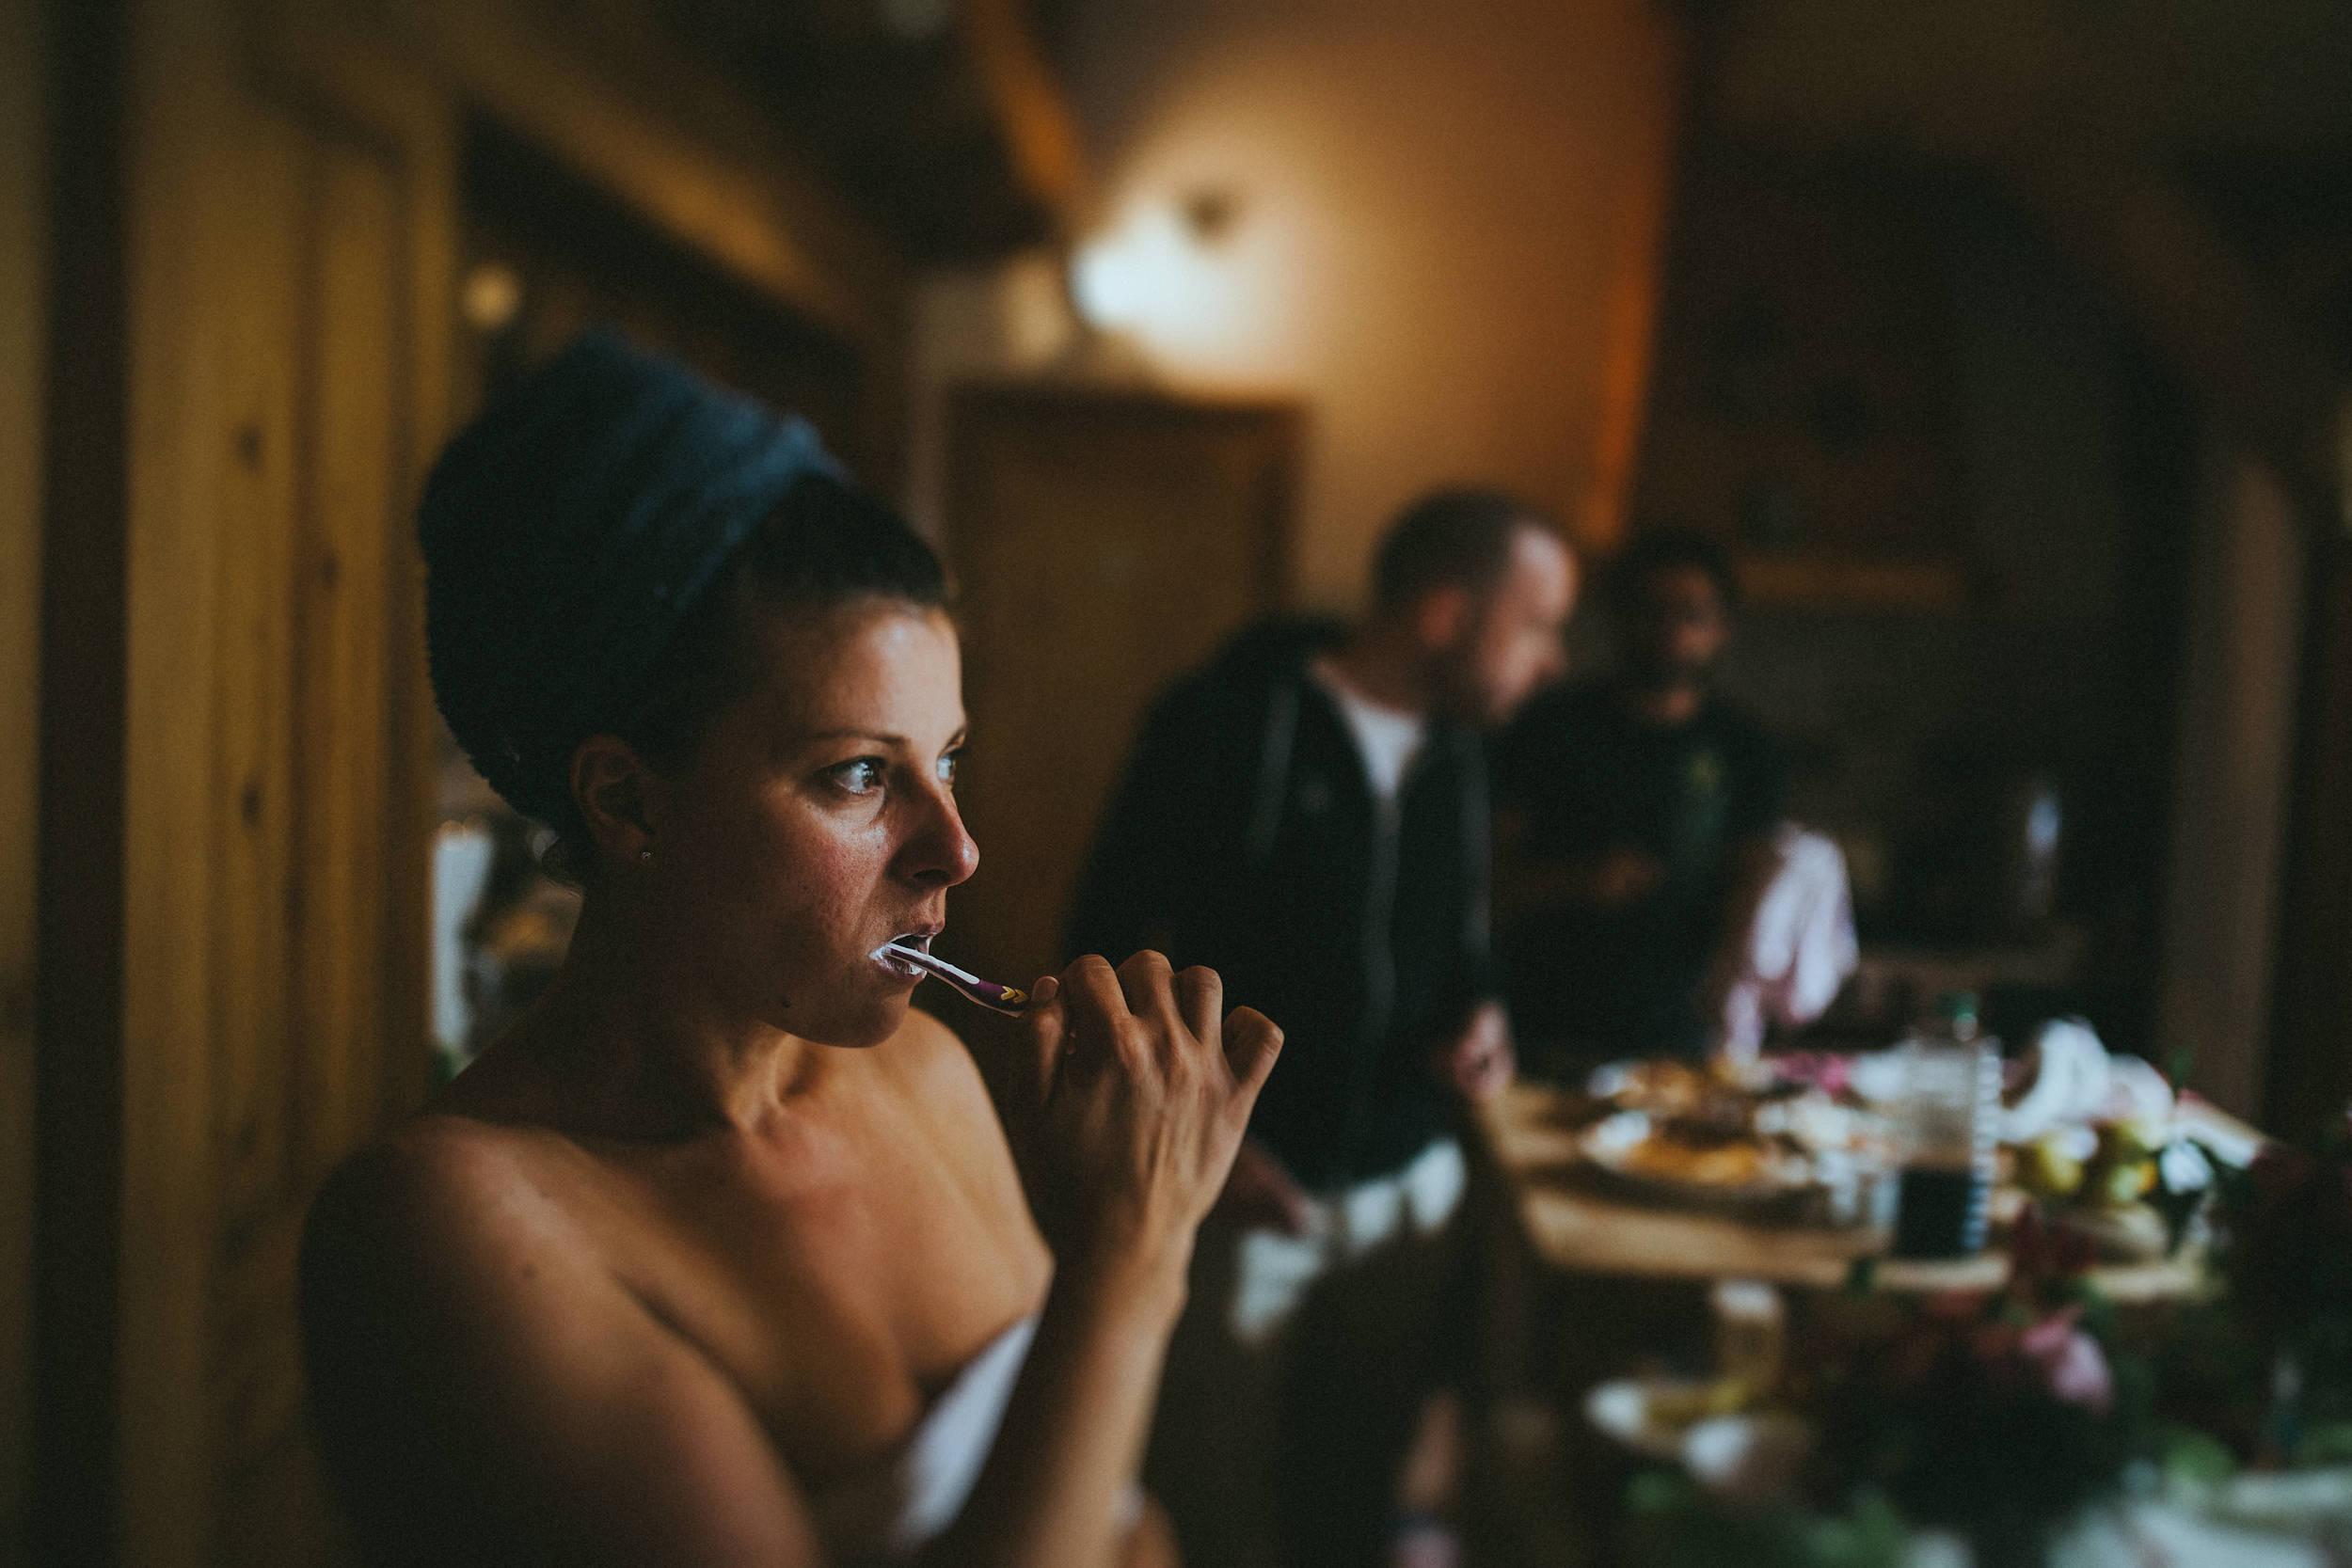 mariage-suisse-haute-savoie-domaine-baron-steven-bassillieaux-bordeaux-dordogne-wedding-photographe-90.jpg